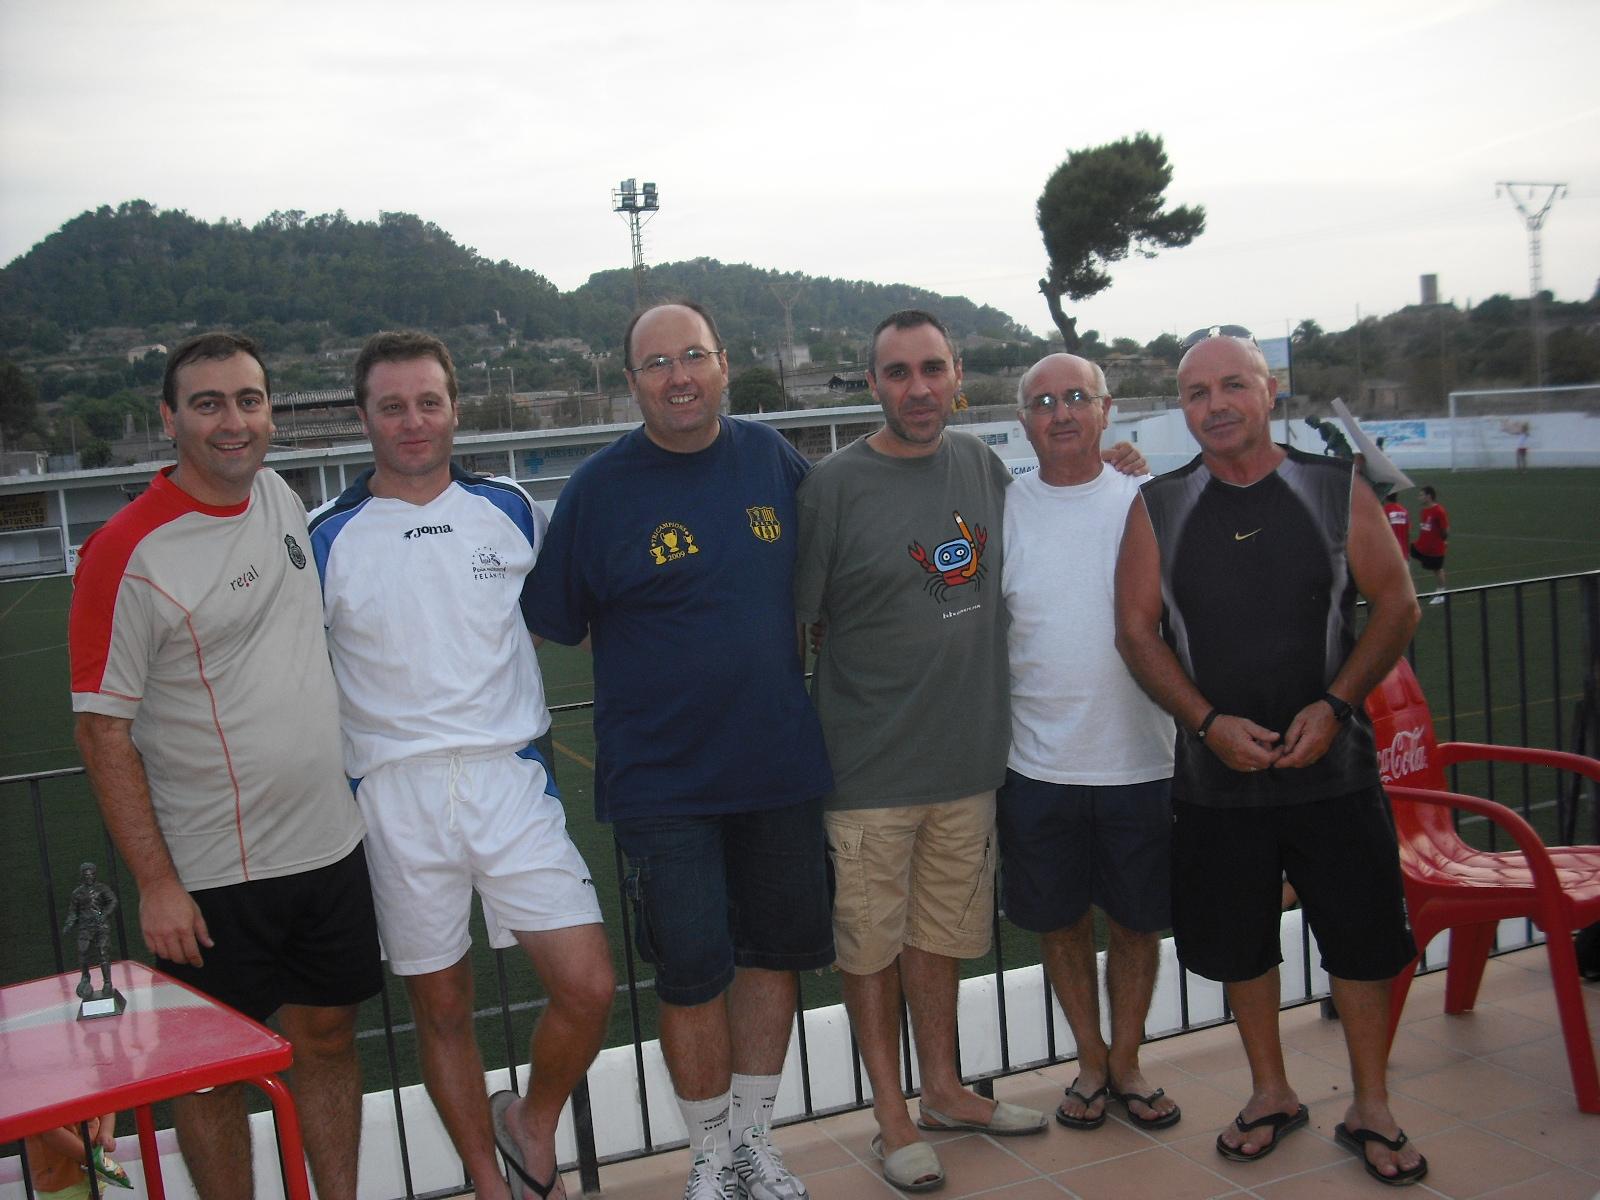 representants-dels-equips-participants-arturo-gonzalez-primer-per-la-dreta